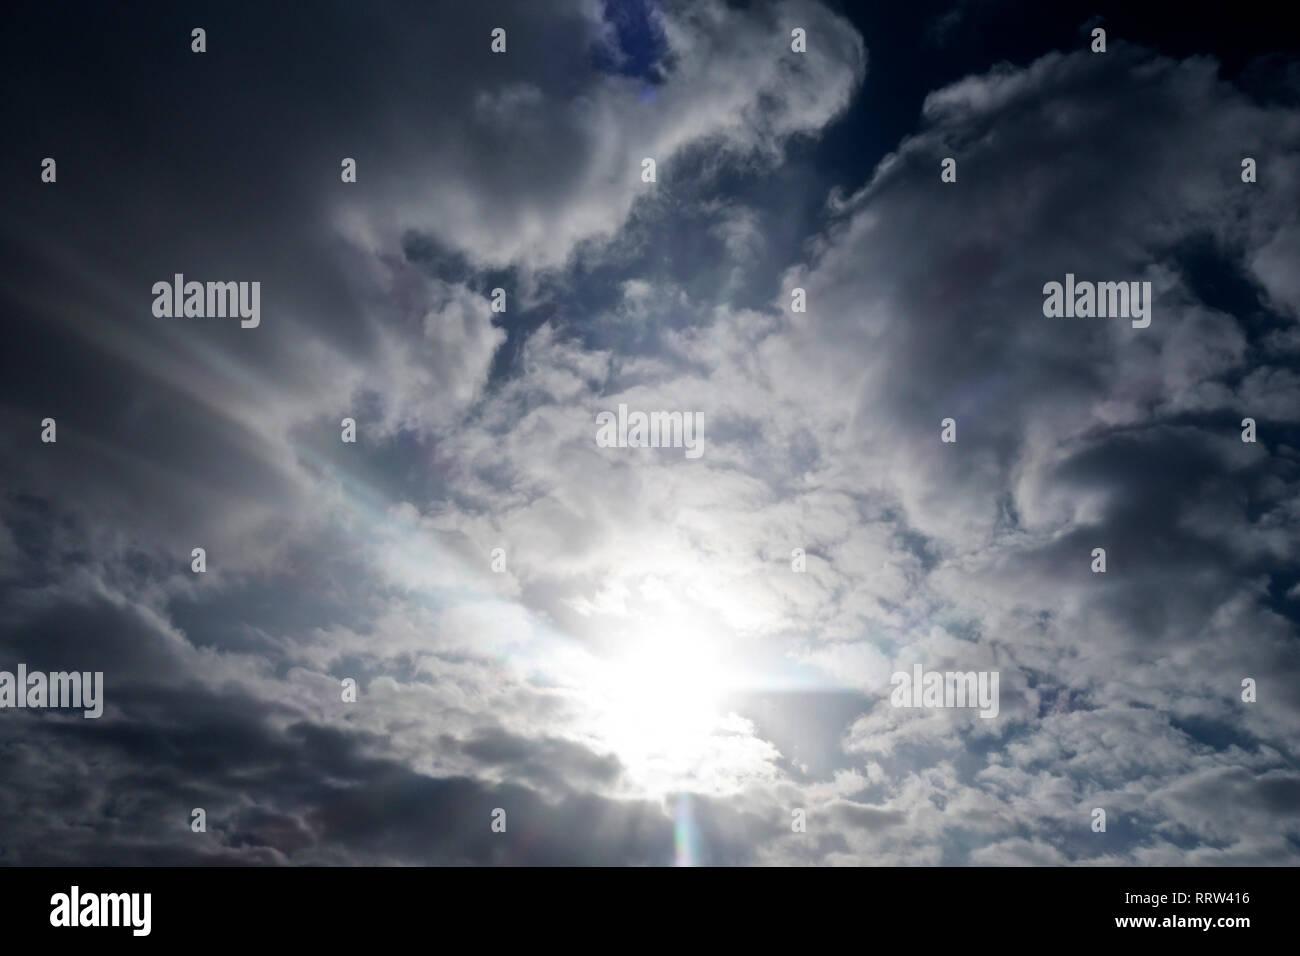 Cielo nuvoloso con sun spiata da dietro le nuvole, con raggi di luce quasi celeste Immagini Stock